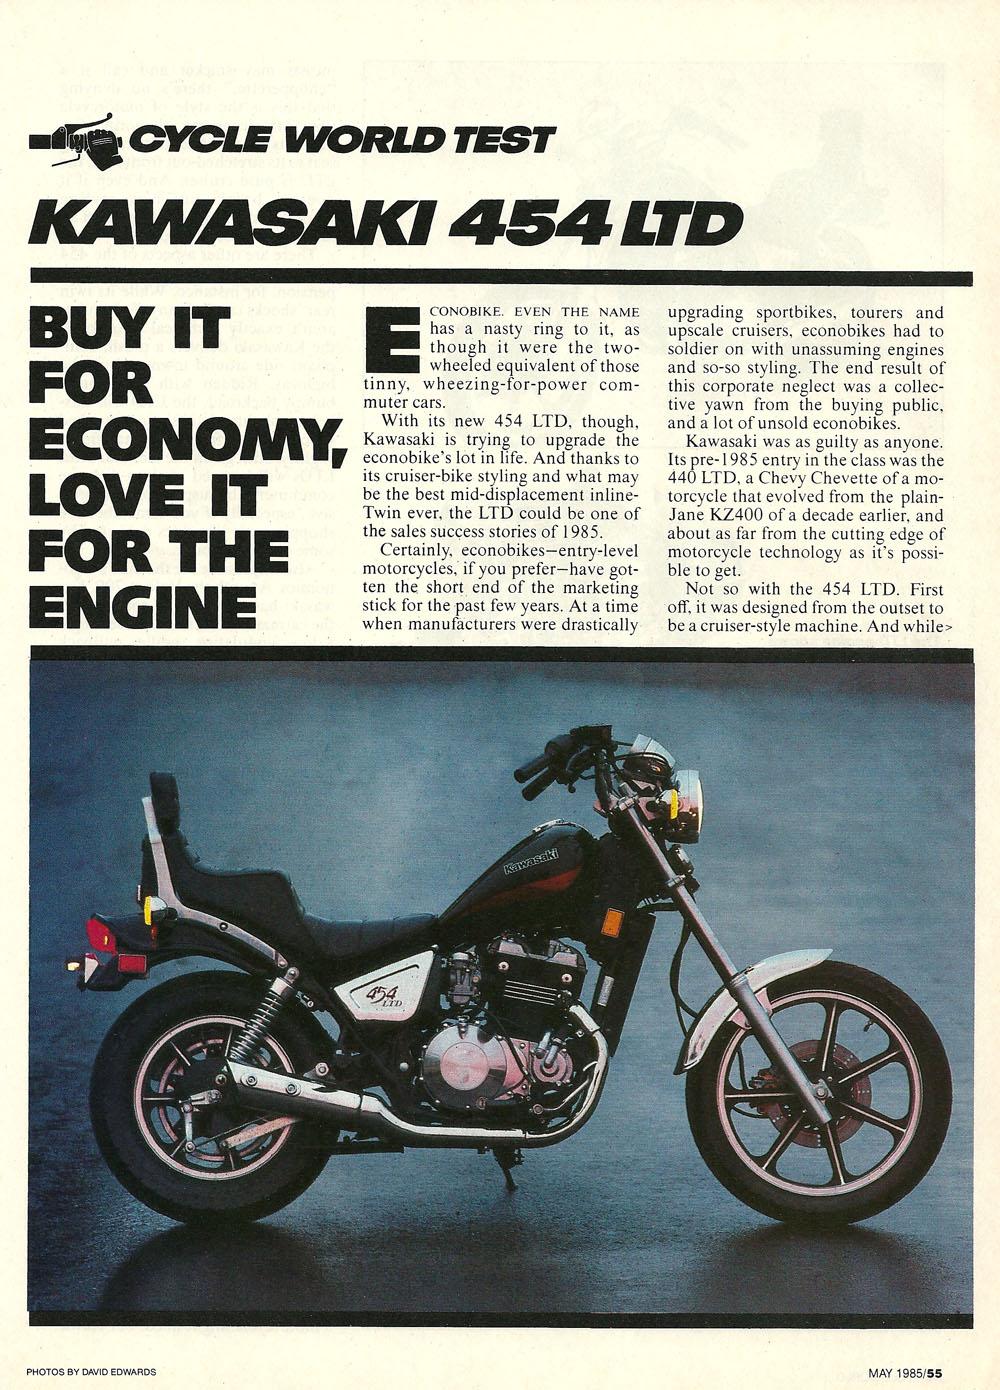 1985 Kawasaki 454 ltd road test 01.jpg